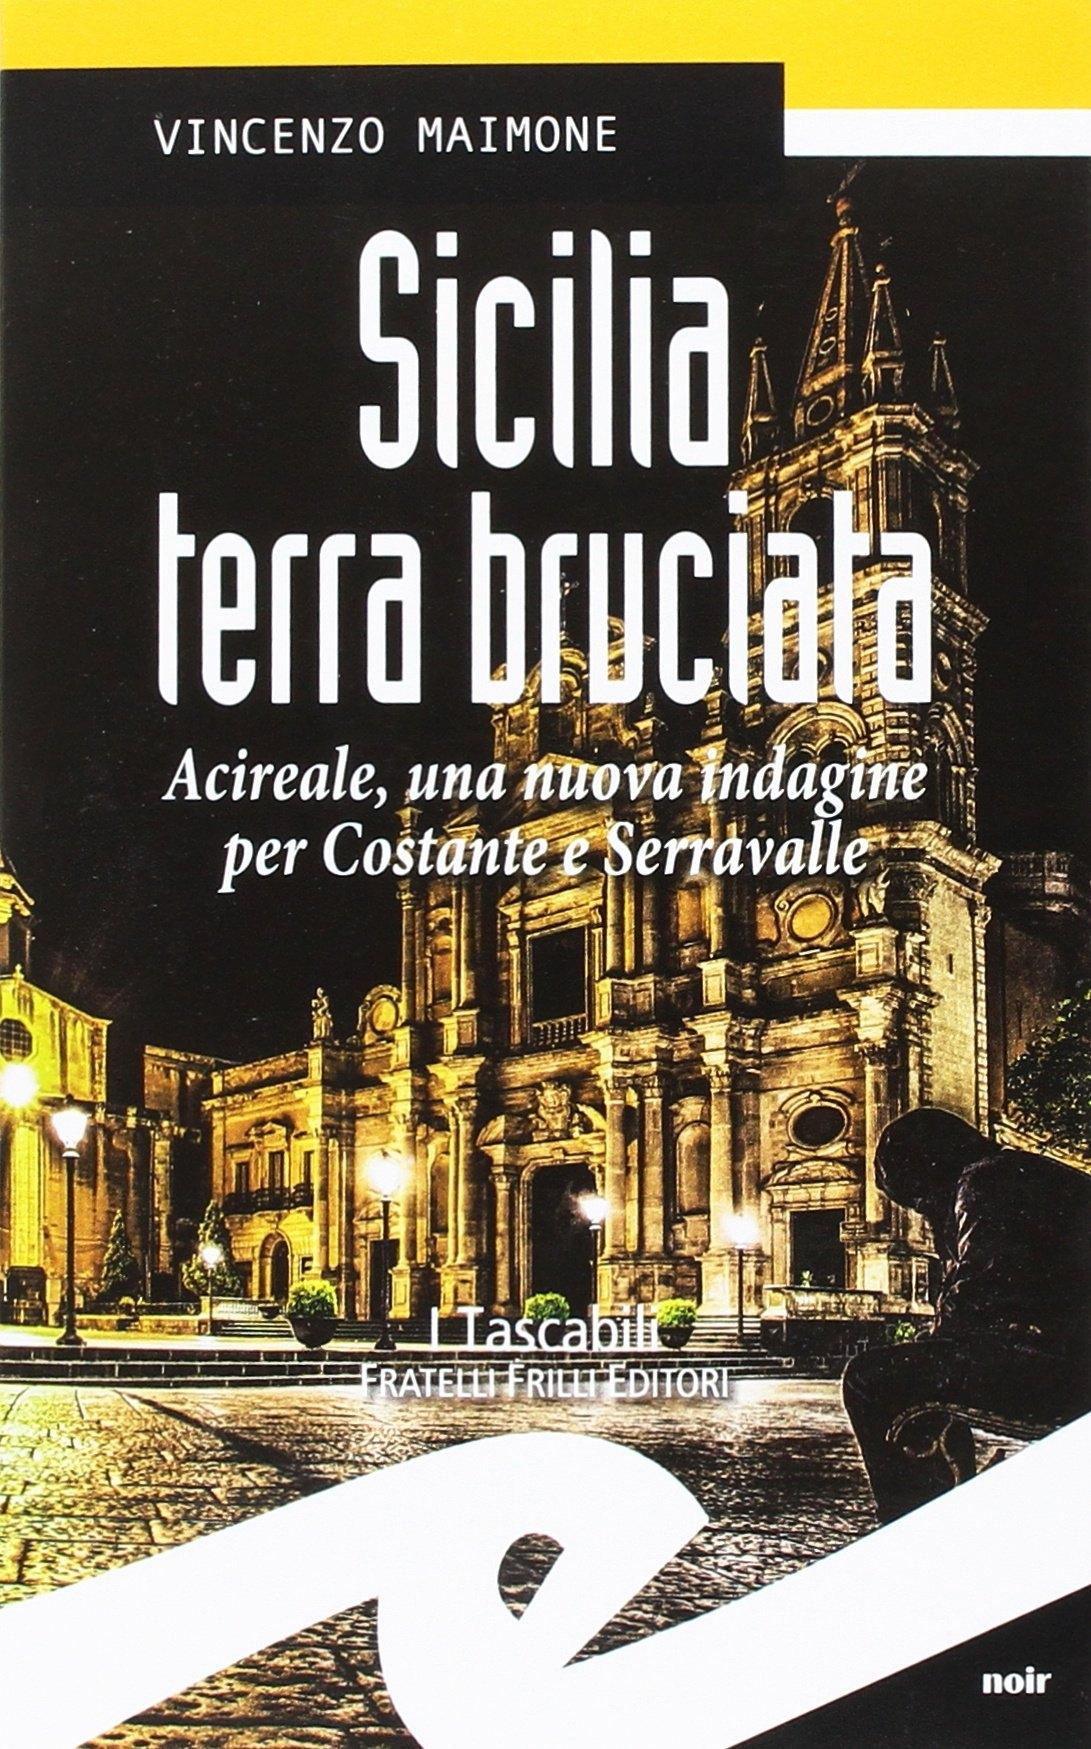 Sicilia terra bruciata. Acireale, una nuova indagine per Costante e Serravalle.